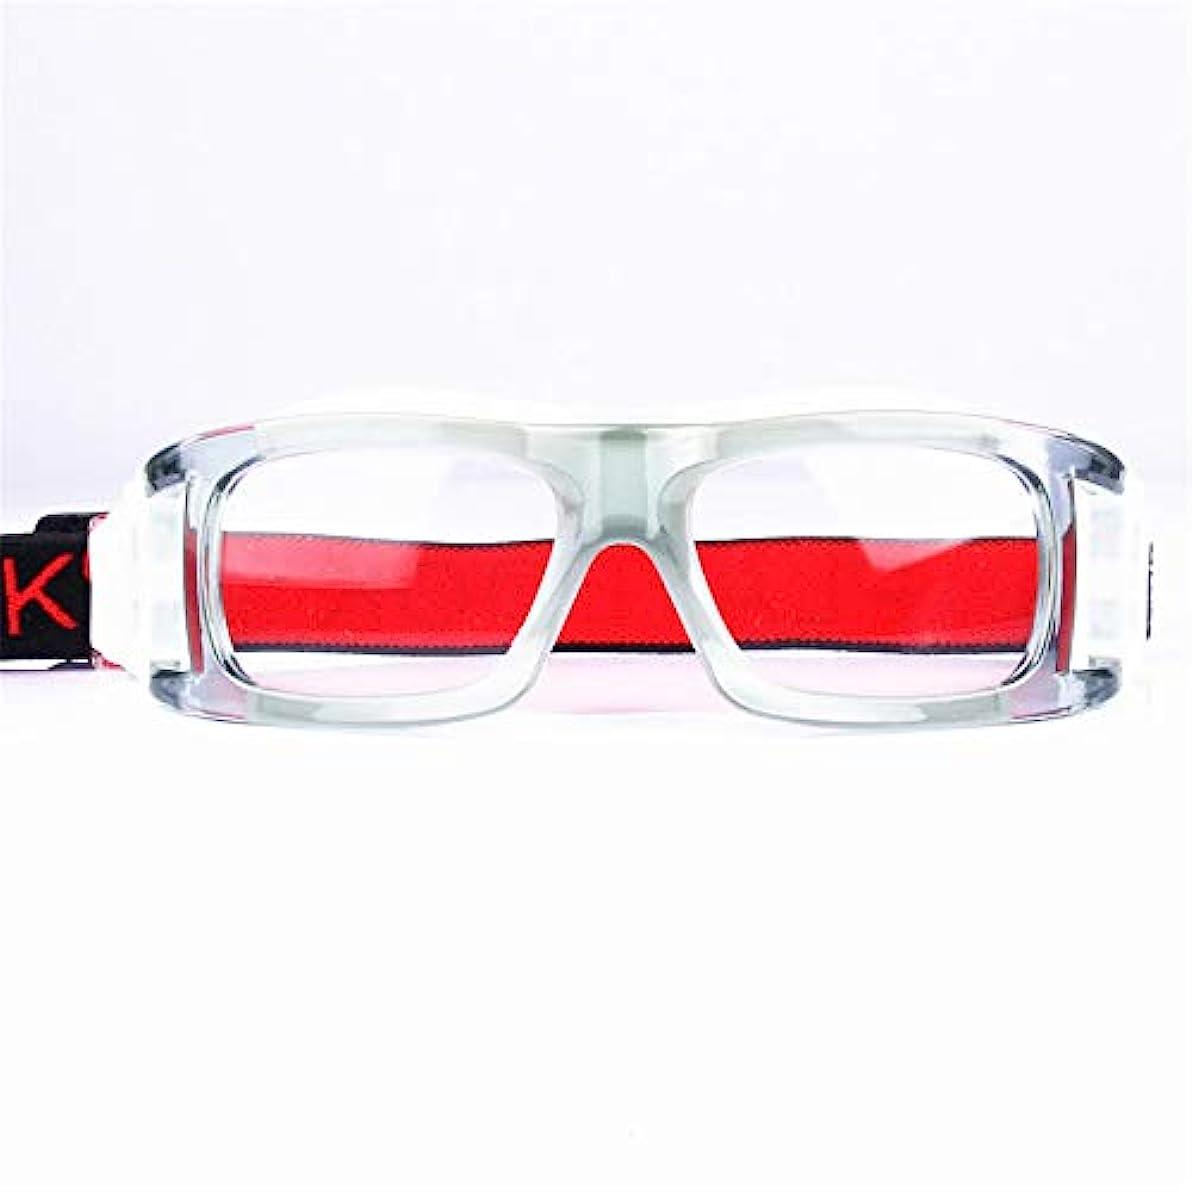 磁石盆地嵐のスポーツサングラス スポーツ眼鏡保護眼鏡耐衝撃保護眼鏡バスケットボールスポーツゴーグルコクレル眼鏡 釣り ゴルフ スキー ドライブ 自転車 ランニング 用サングラス (Color : Gray)